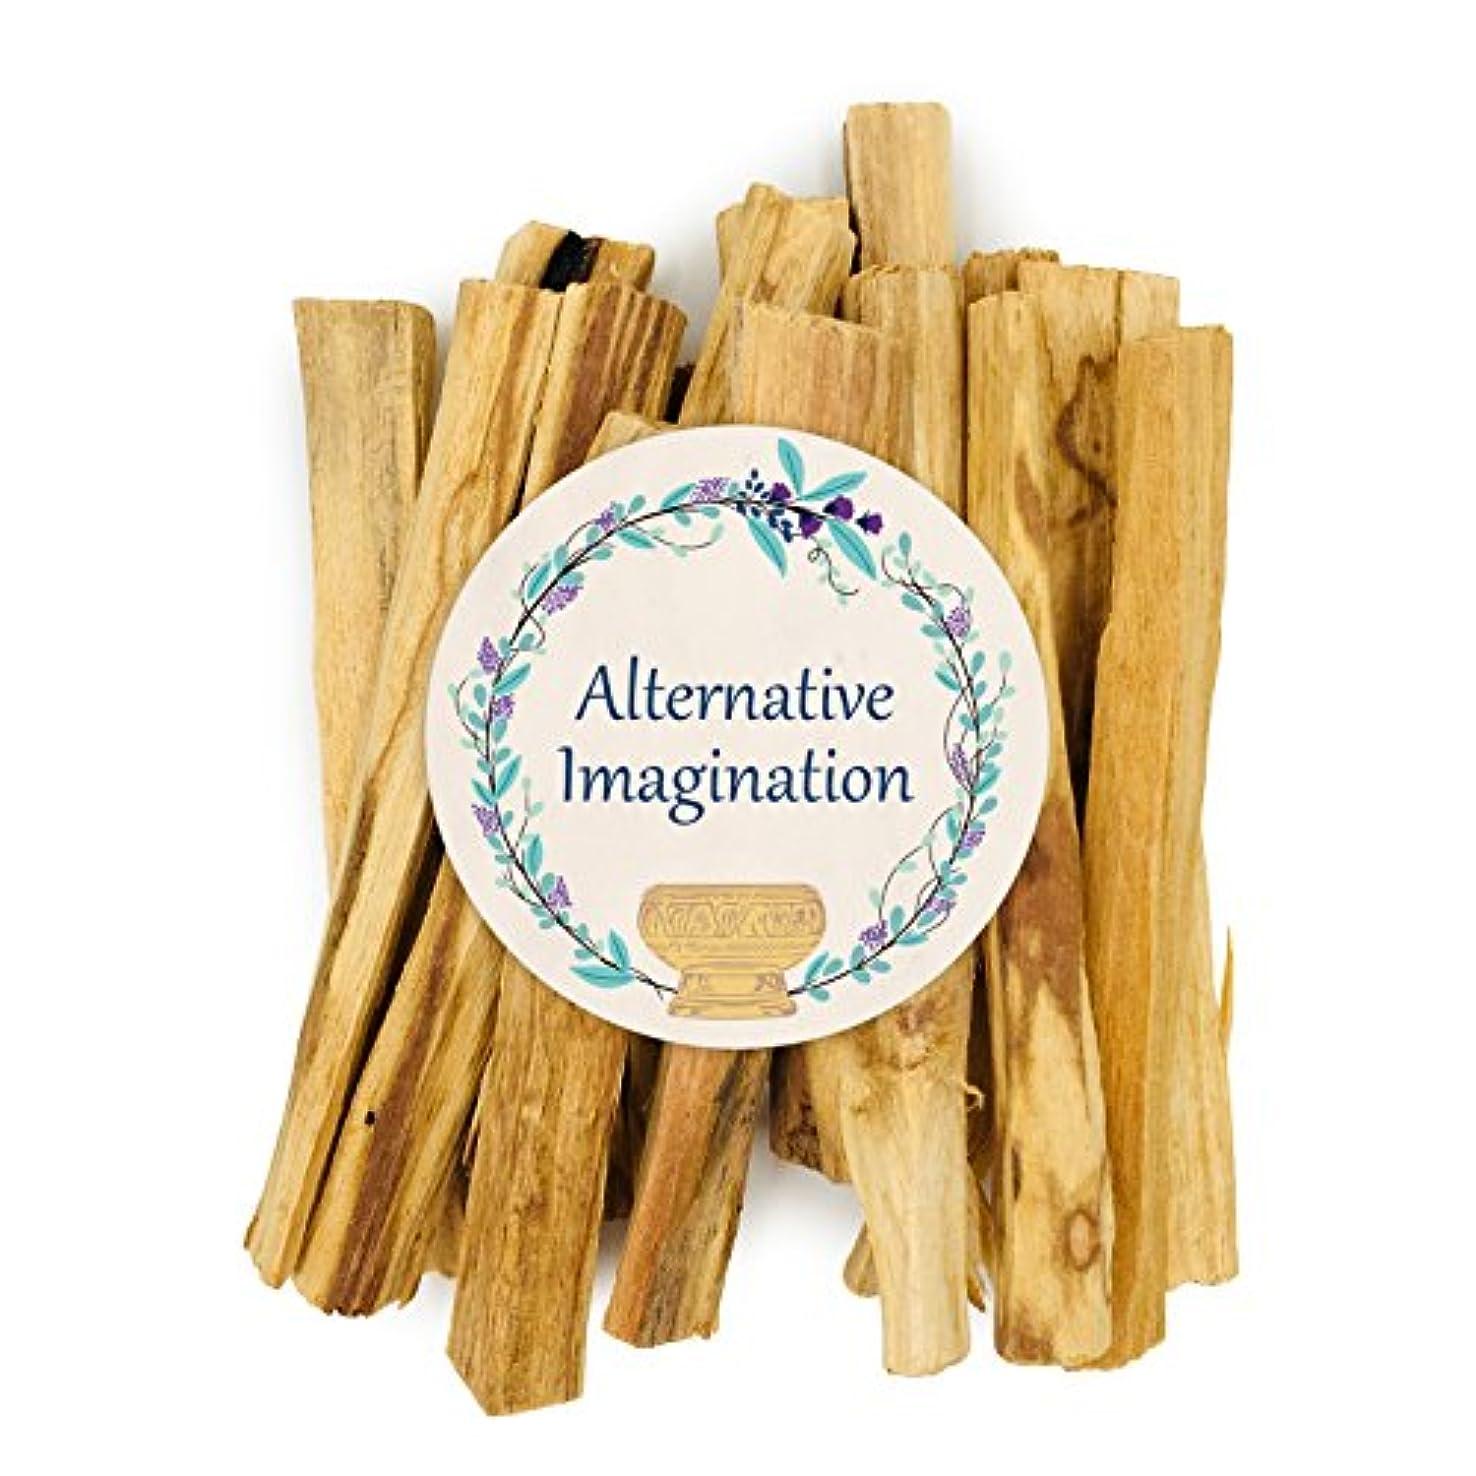 プレミアムPalo Santo Holy Wood Incense Sticks 2 ozパックfor purifying、クレンジング、ヒーリング、瞑想、Stress Relief。100 %自然と持続可能な、野生の収穫。